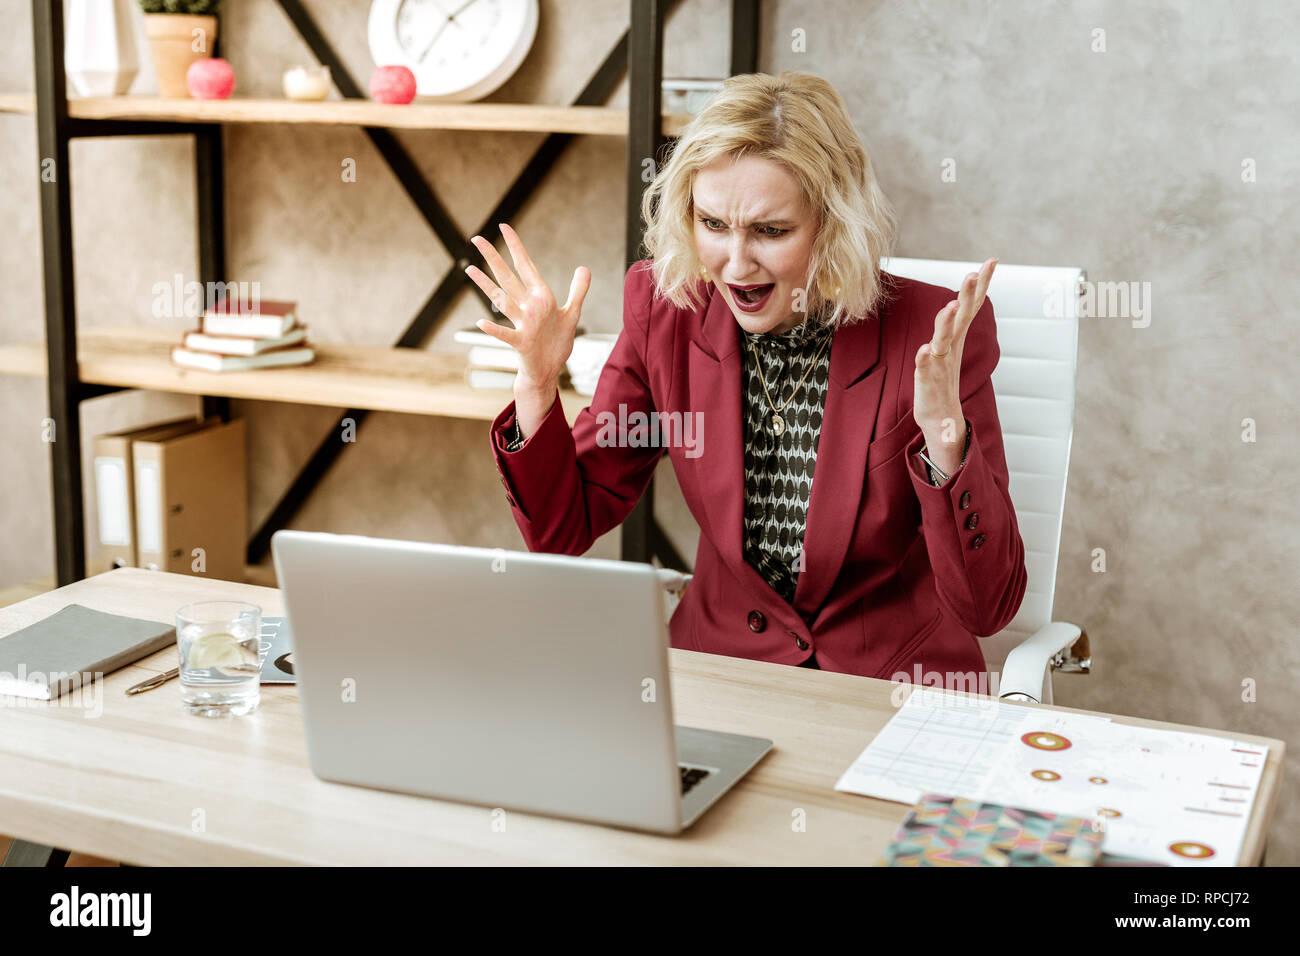 Verrückte wütende Frau schreiend auf Ihrem Laptop während des Angriffs der Aggression Stockbild